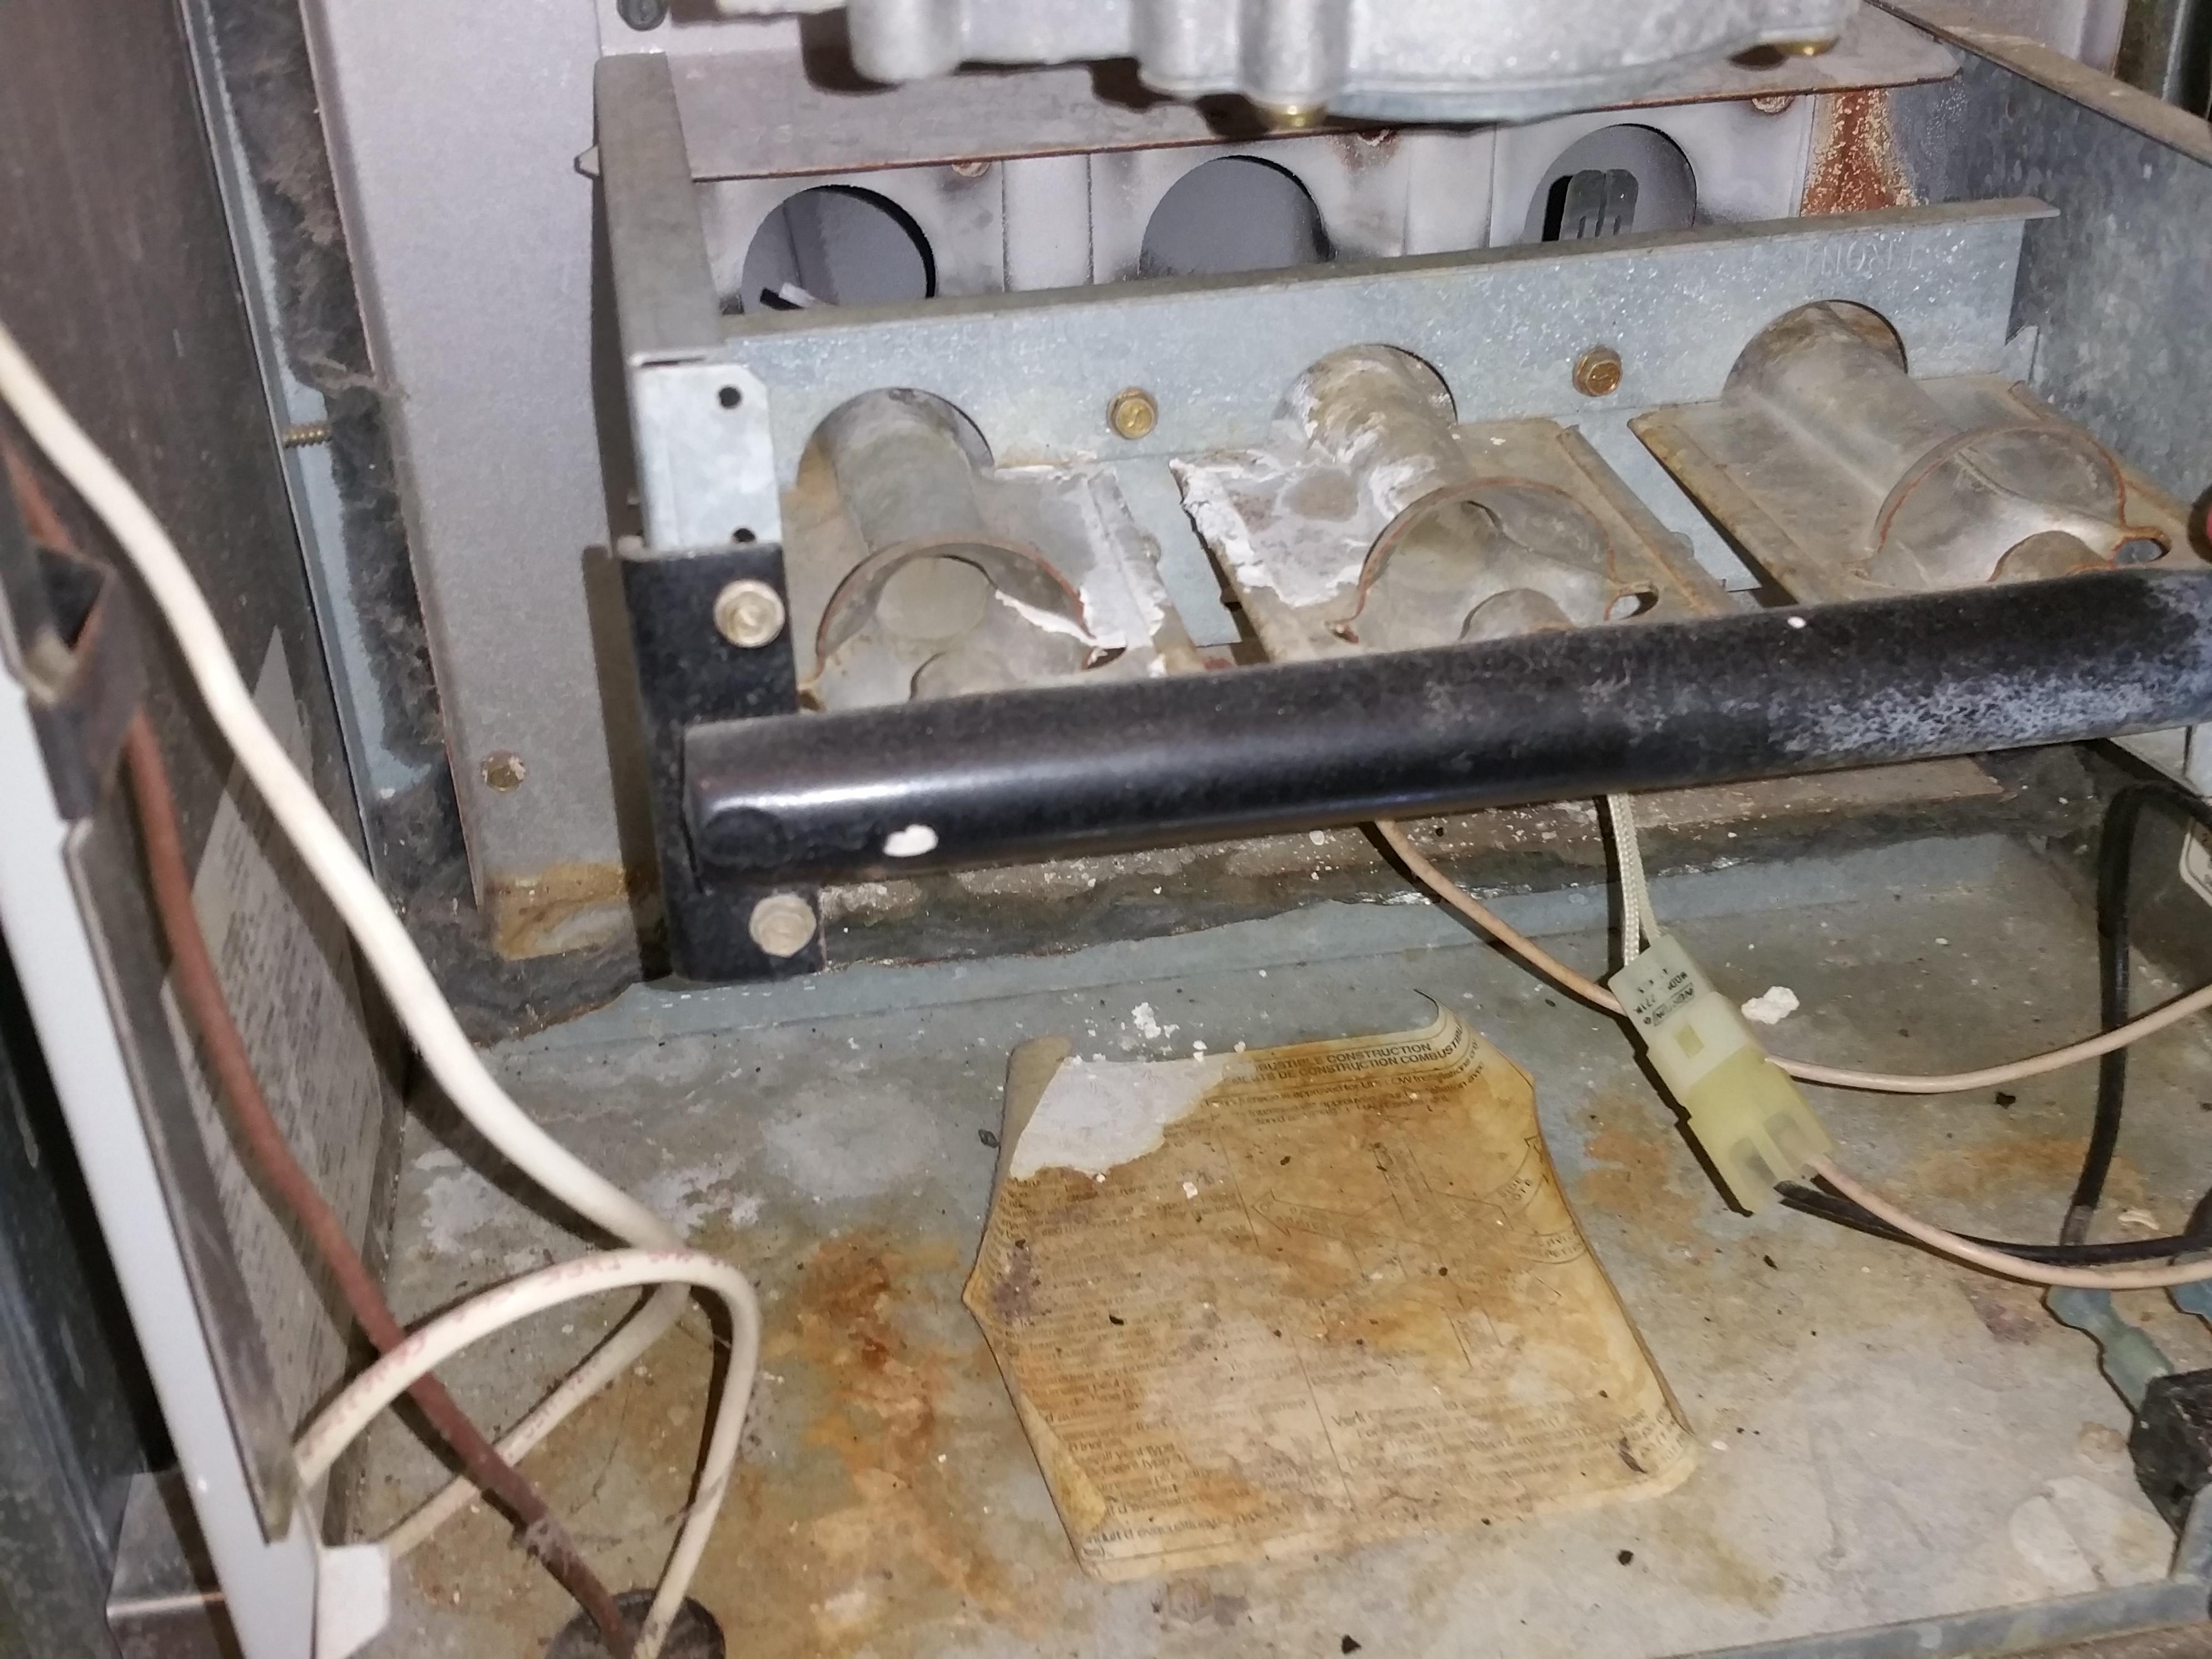 Condensation leak & Corrosion